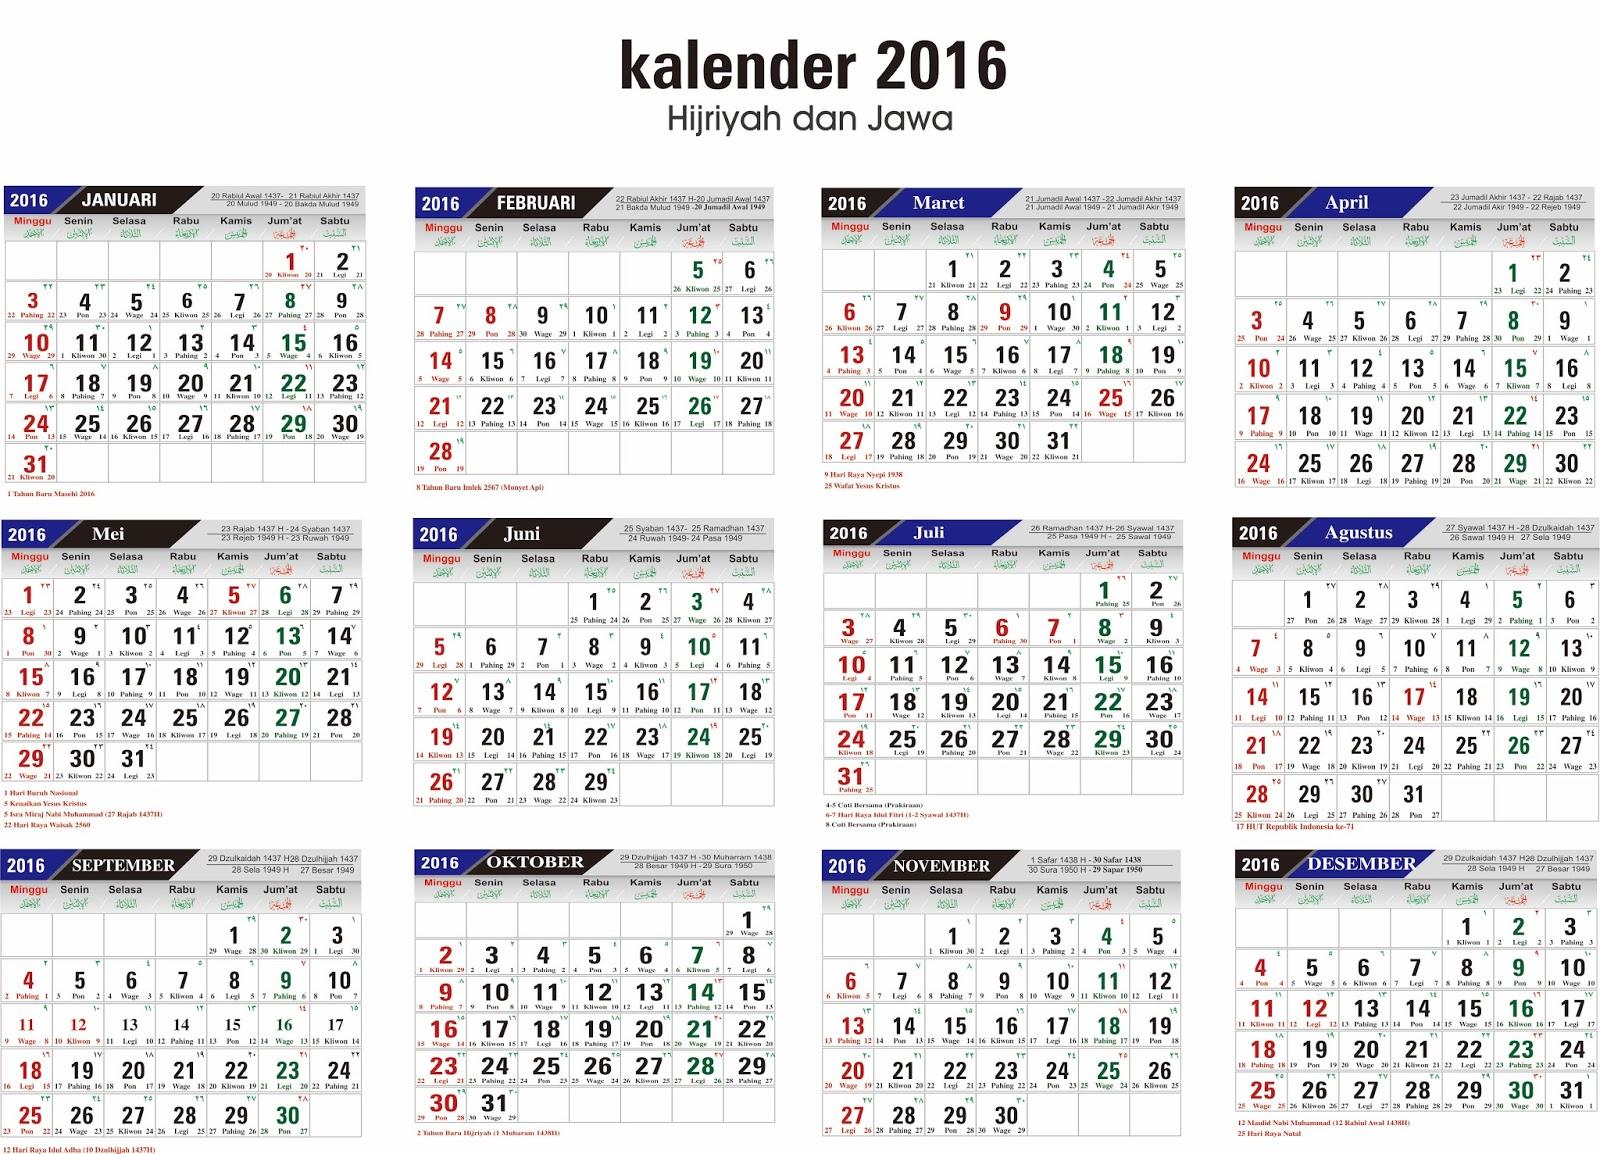 Download Template Kalender 2016 Lengkap Format CDR Editable - Berbagi ...